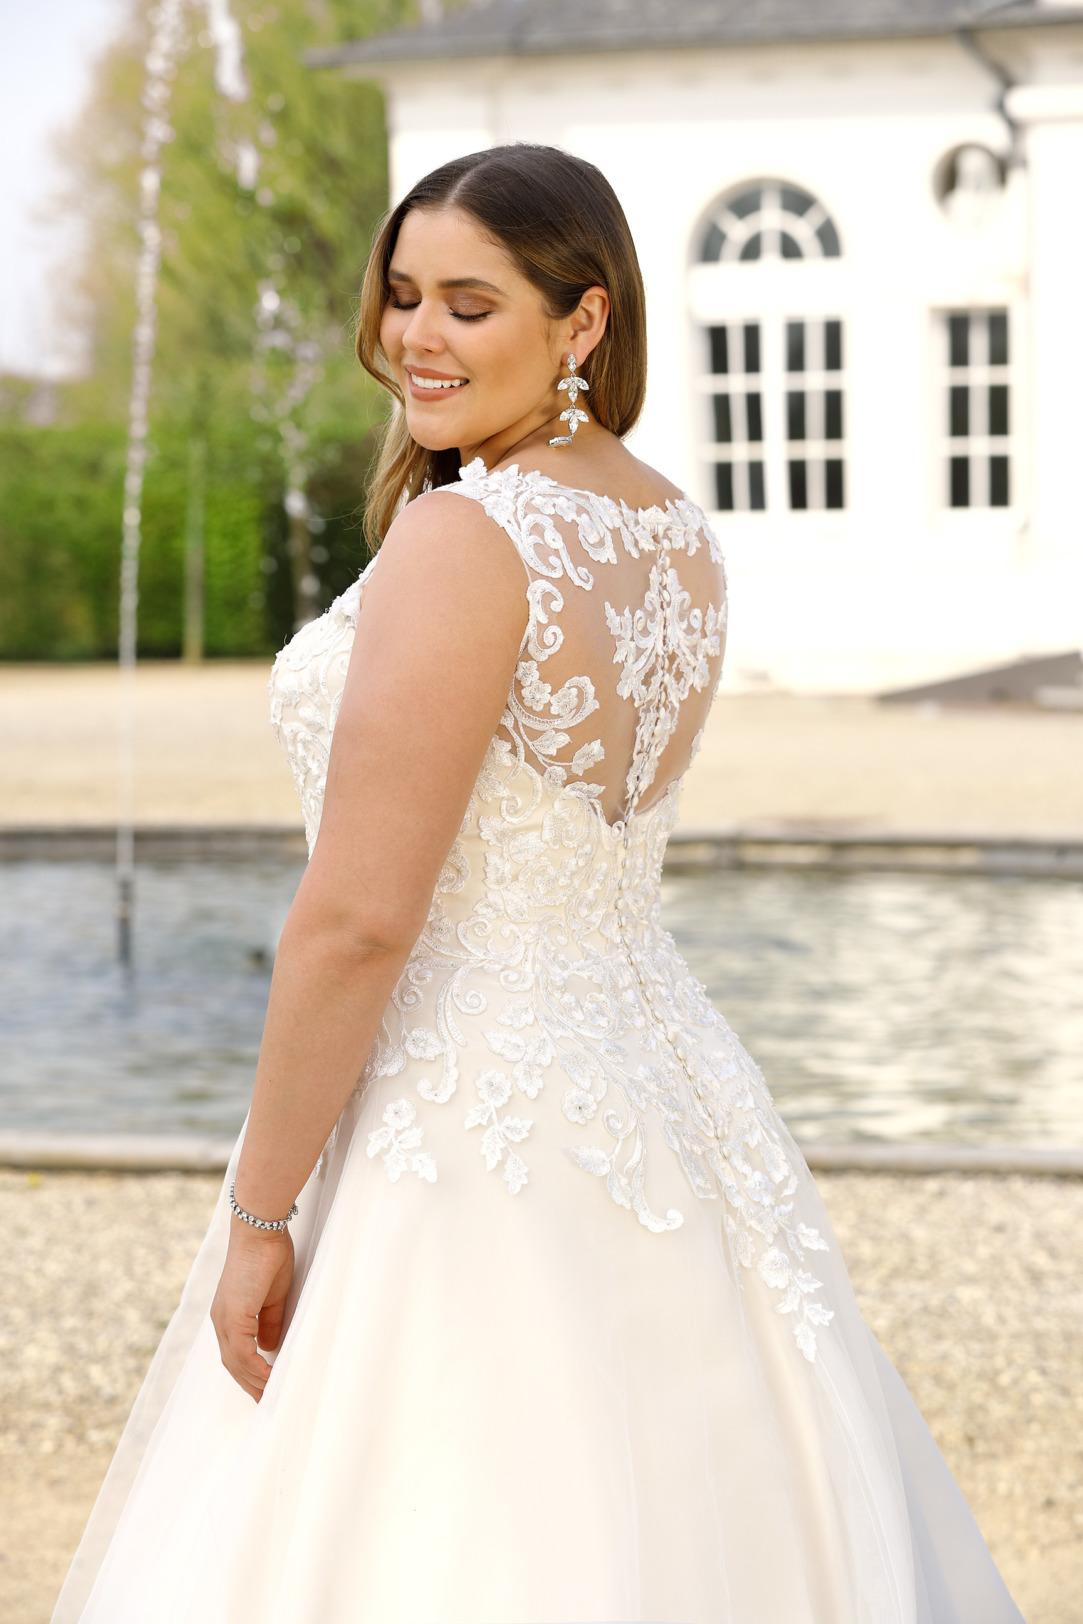 Brautkleider Hochzeitskleider Mode A Linie Ladybird mit V-Ausschnitt Spitze ohne Ärmel grosse Grösse plus size Tatoo Spitze Organza Rock